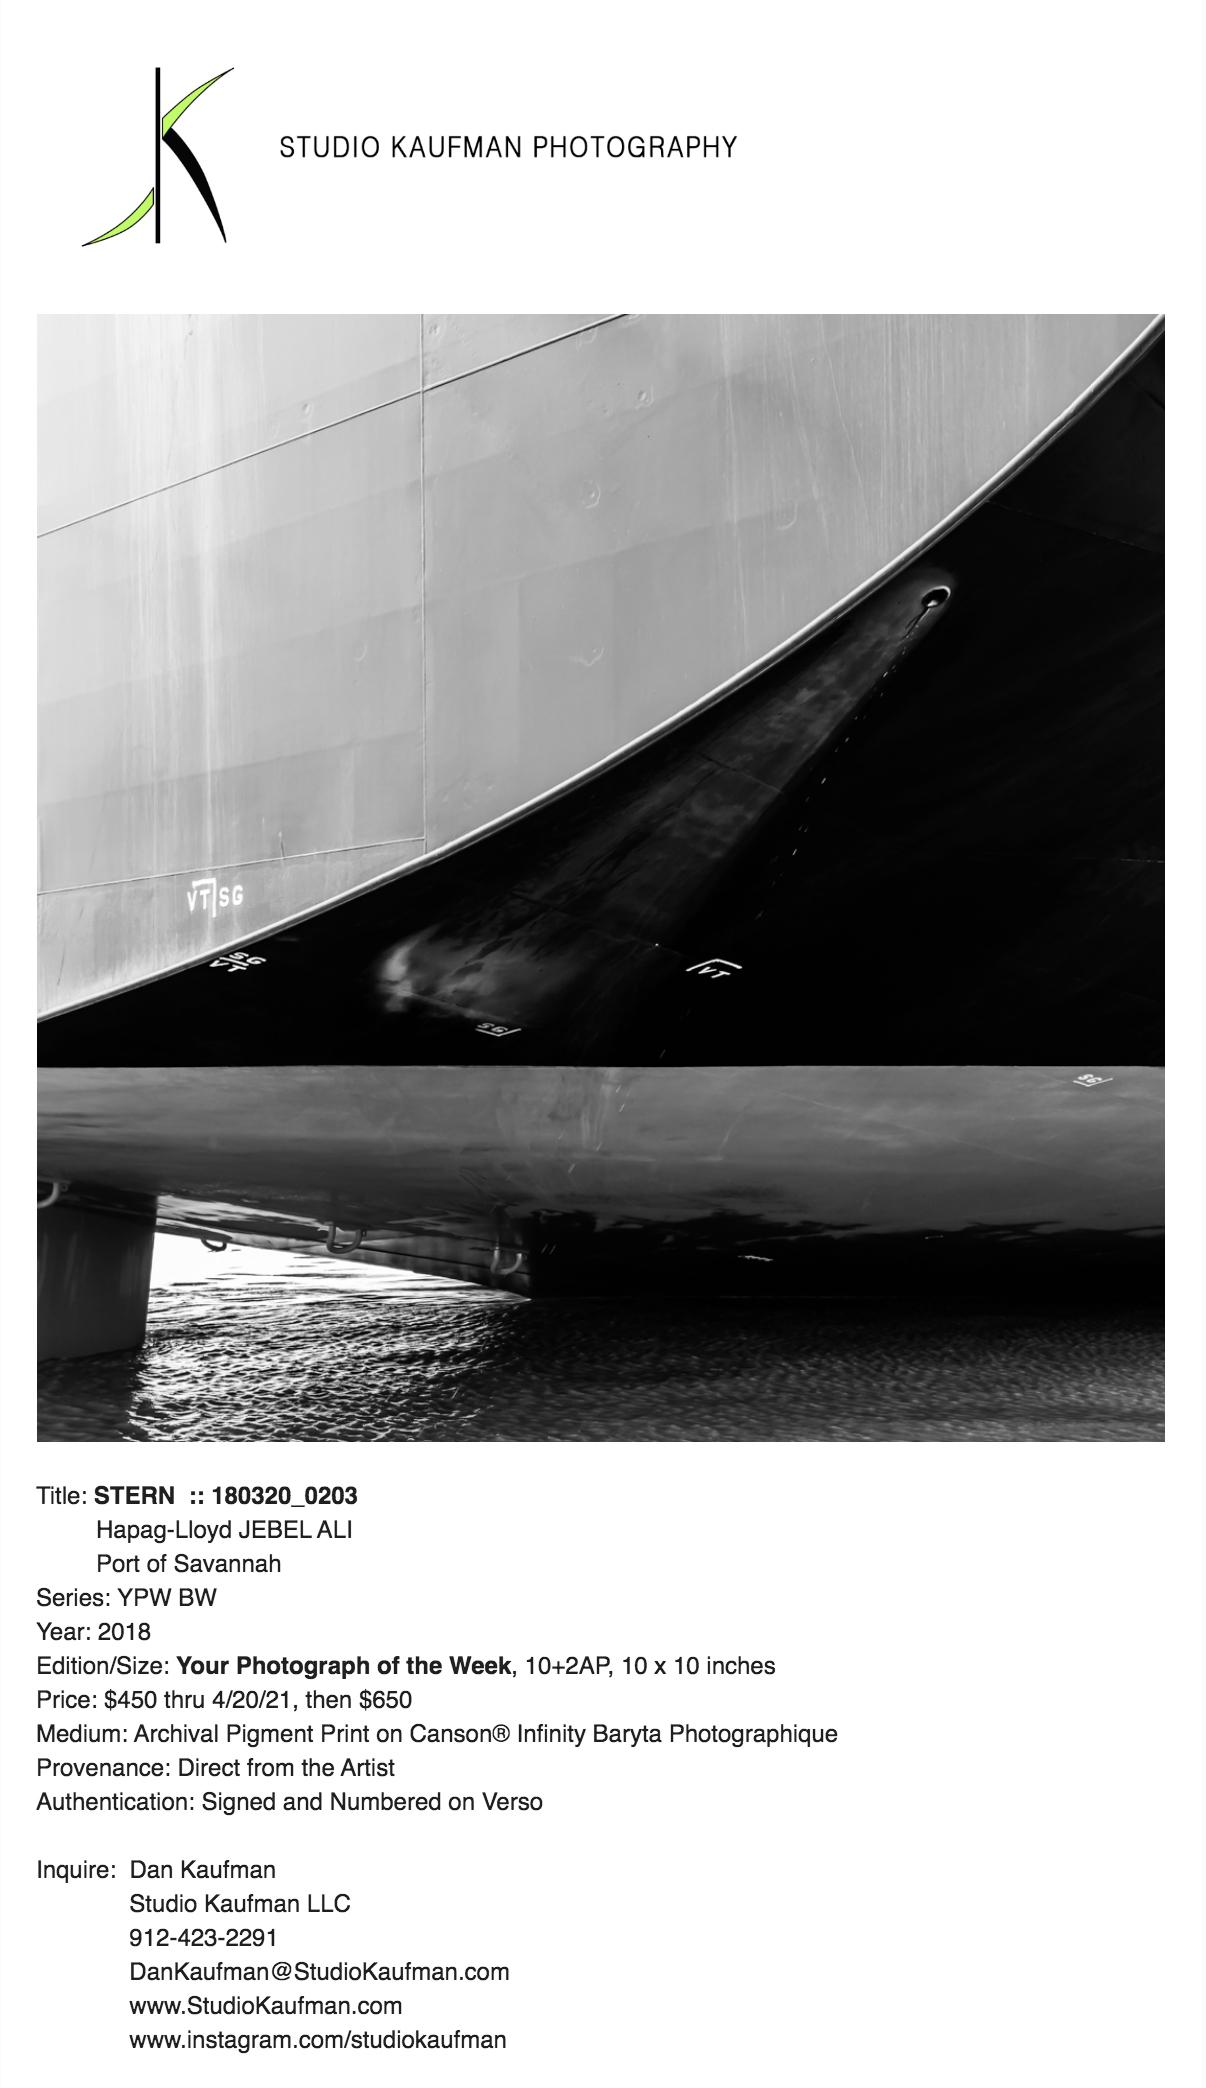 STERN by Dan Kaufman, Studio Kaufman